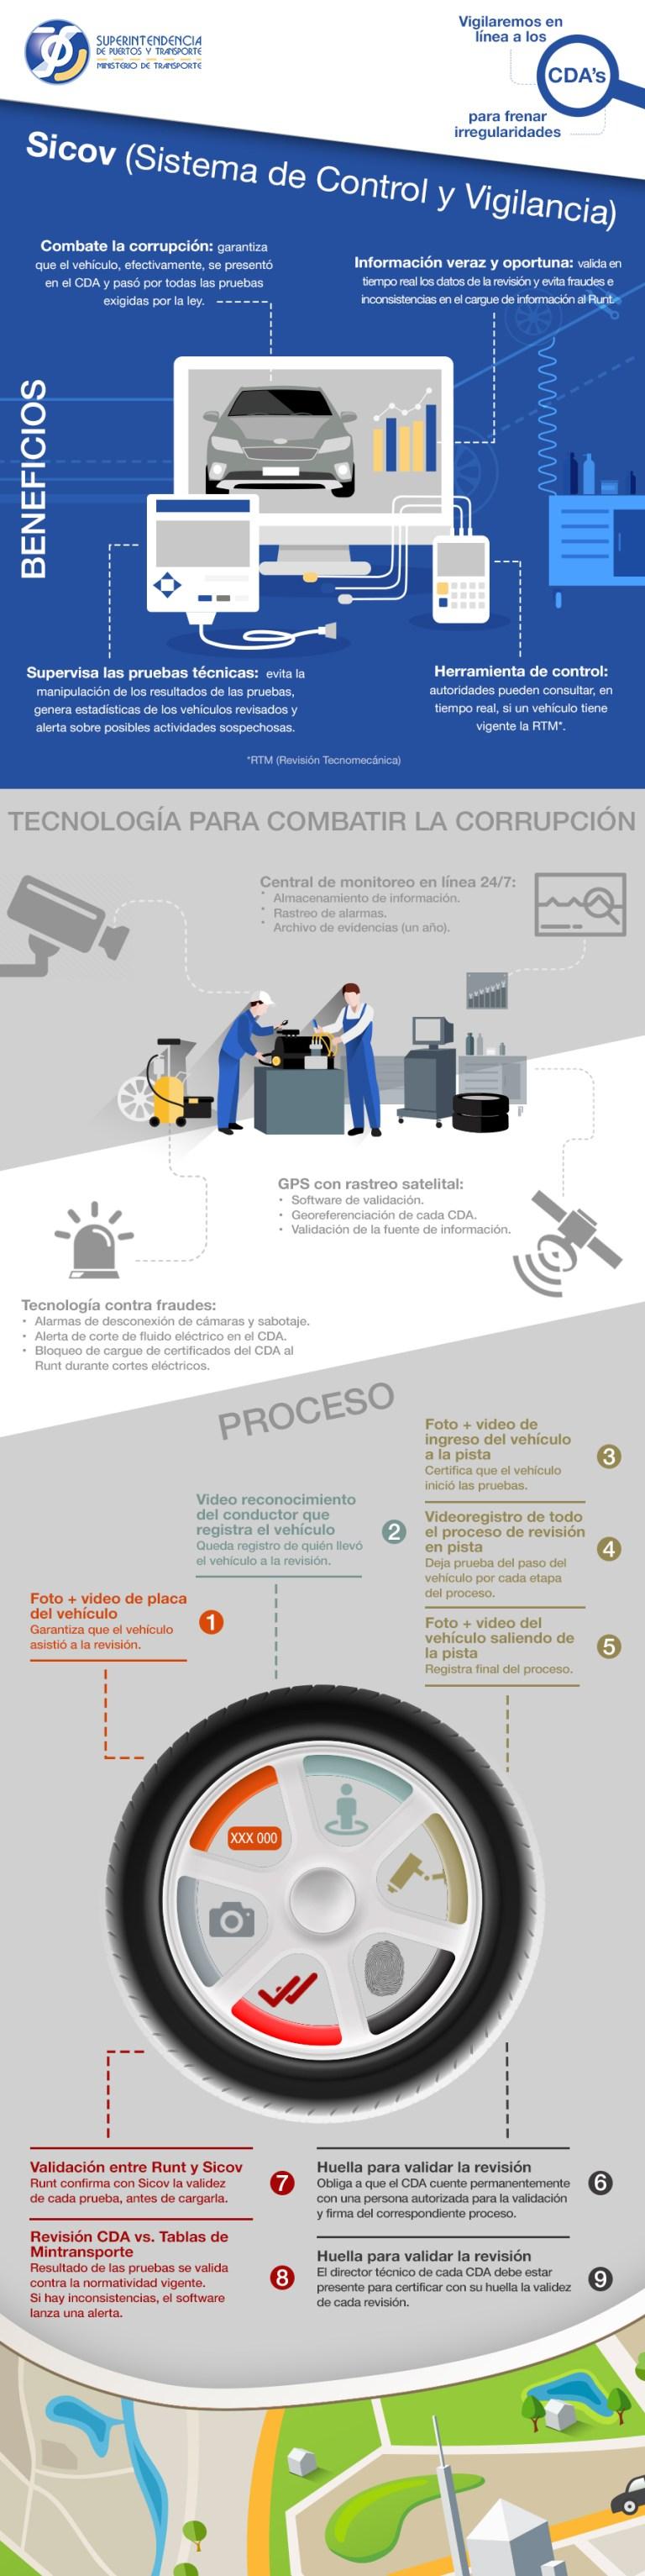 infografia_sicov-cdas